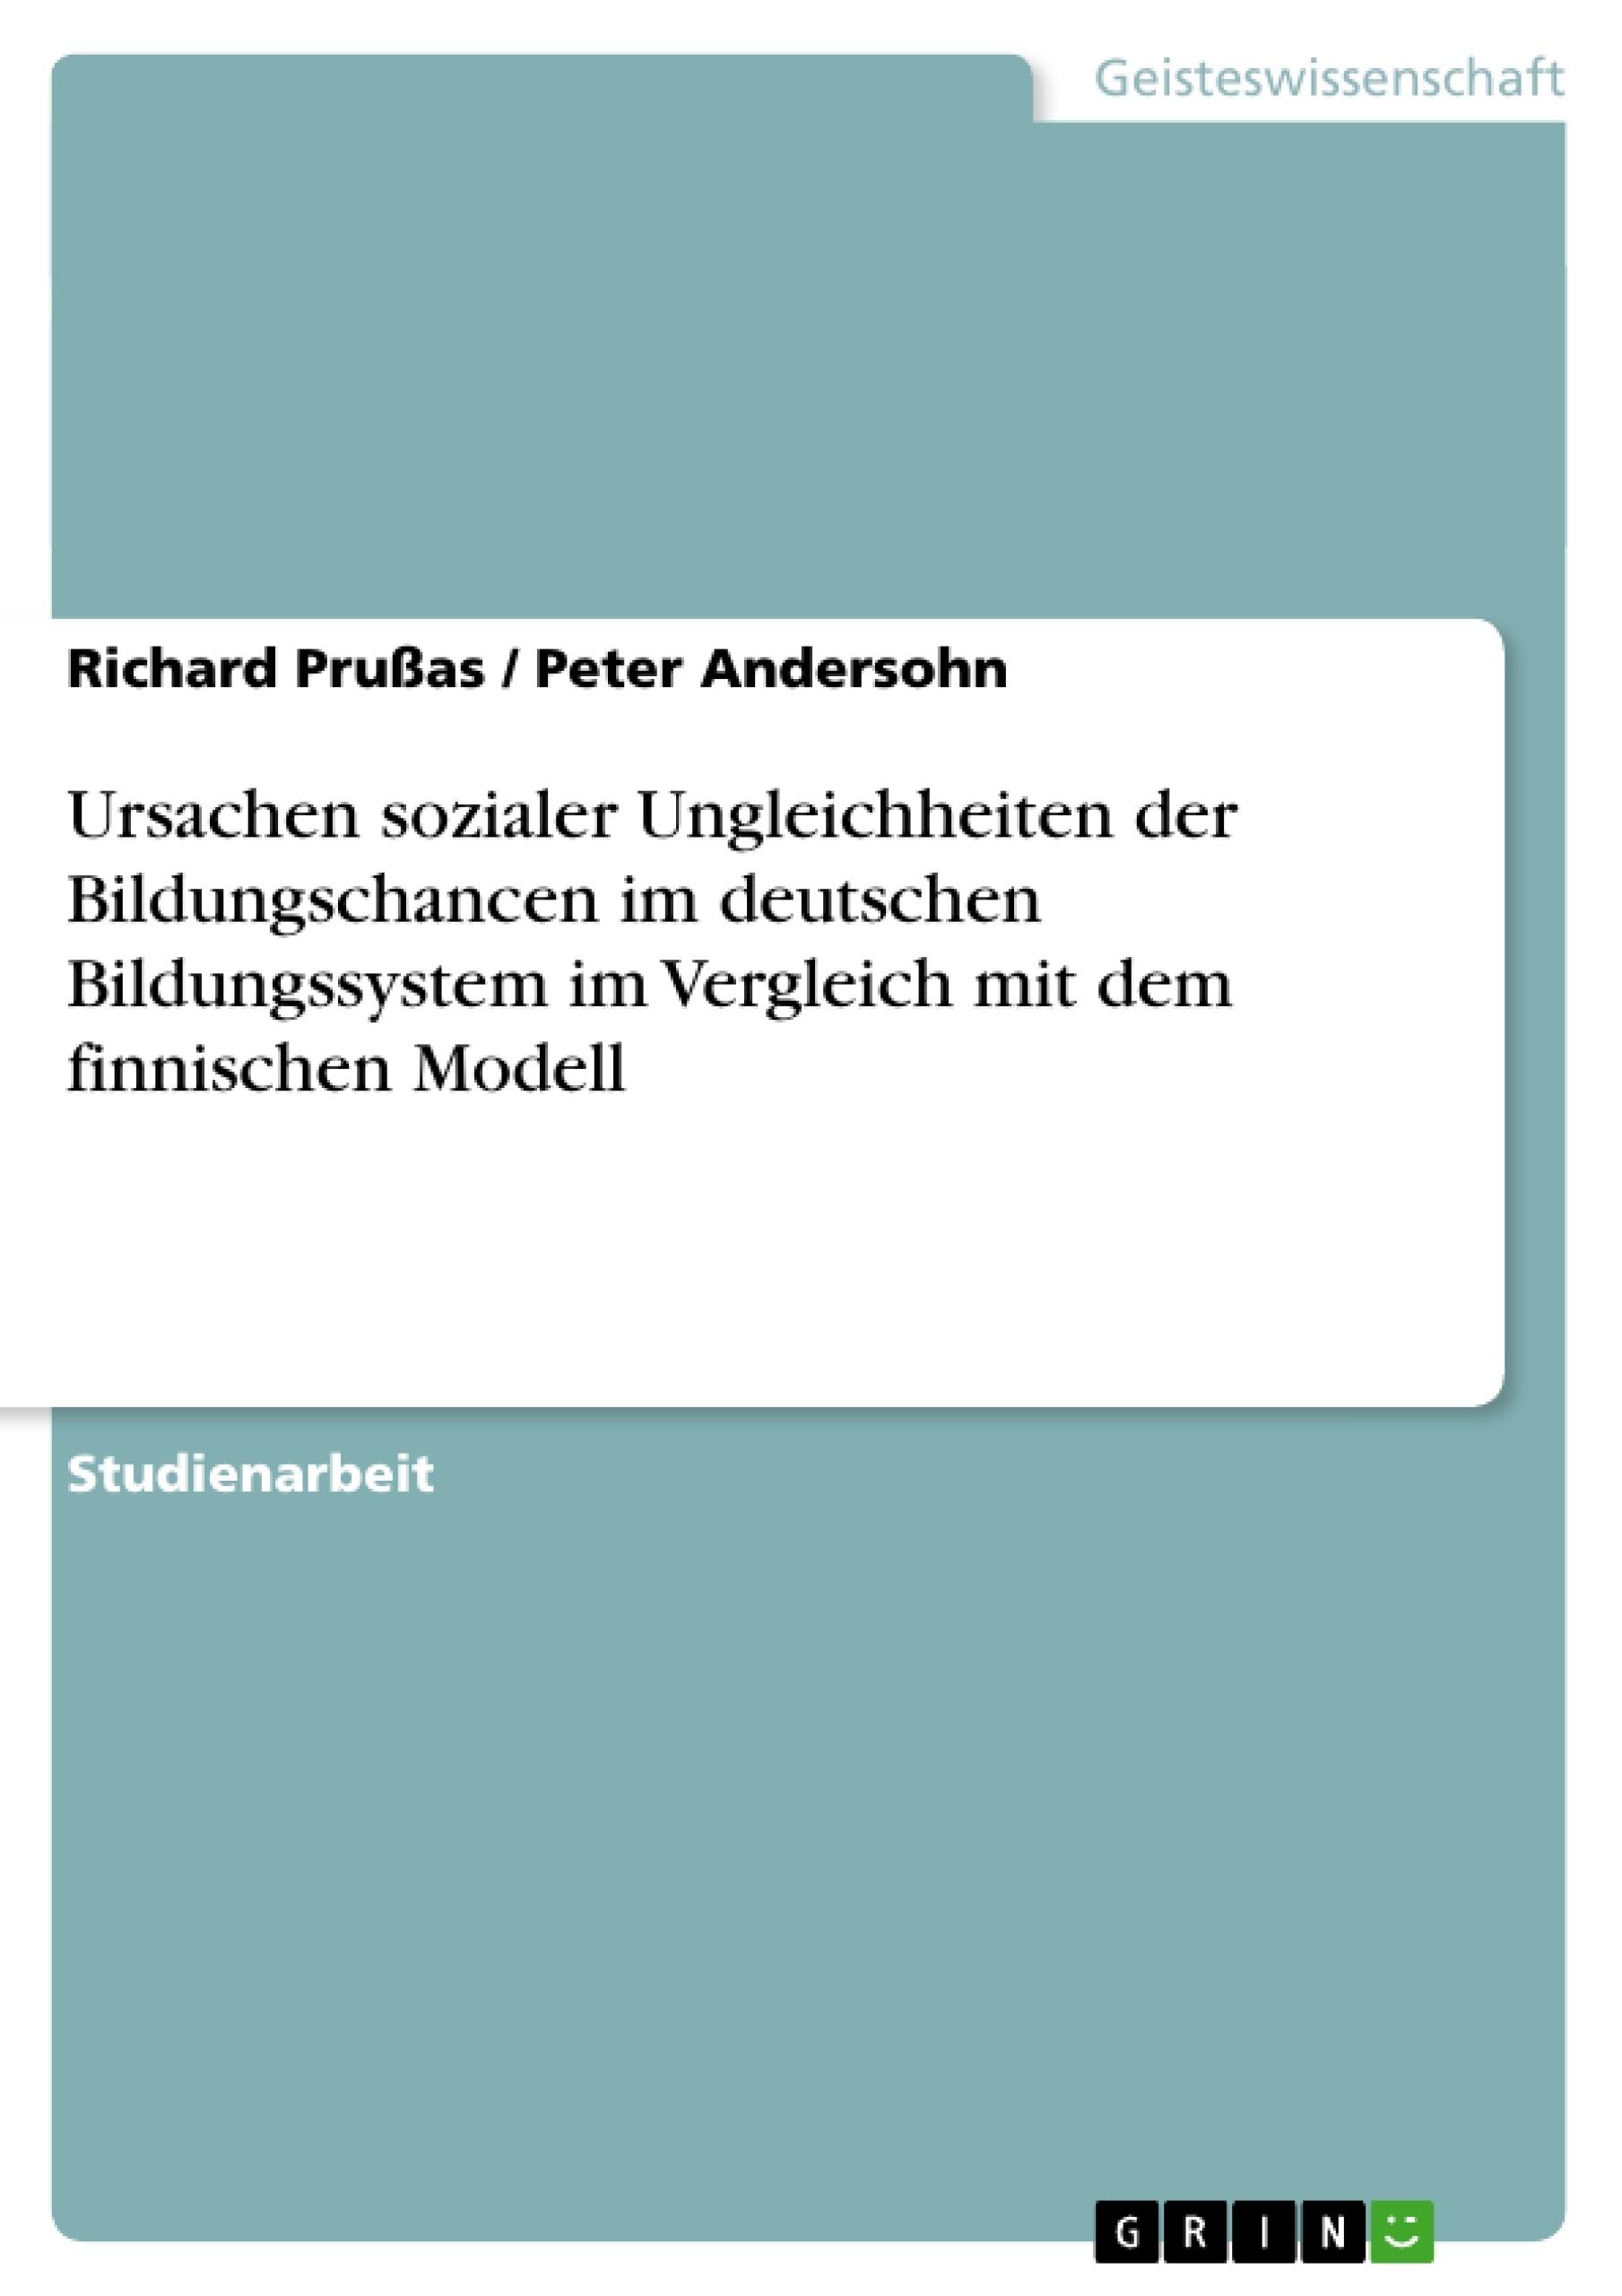 Titel: Ursachen sozialer Ungleichheiten der Bildungschancen im deutschen Bildungssystem im Vergleich mit dem finnischen Modell